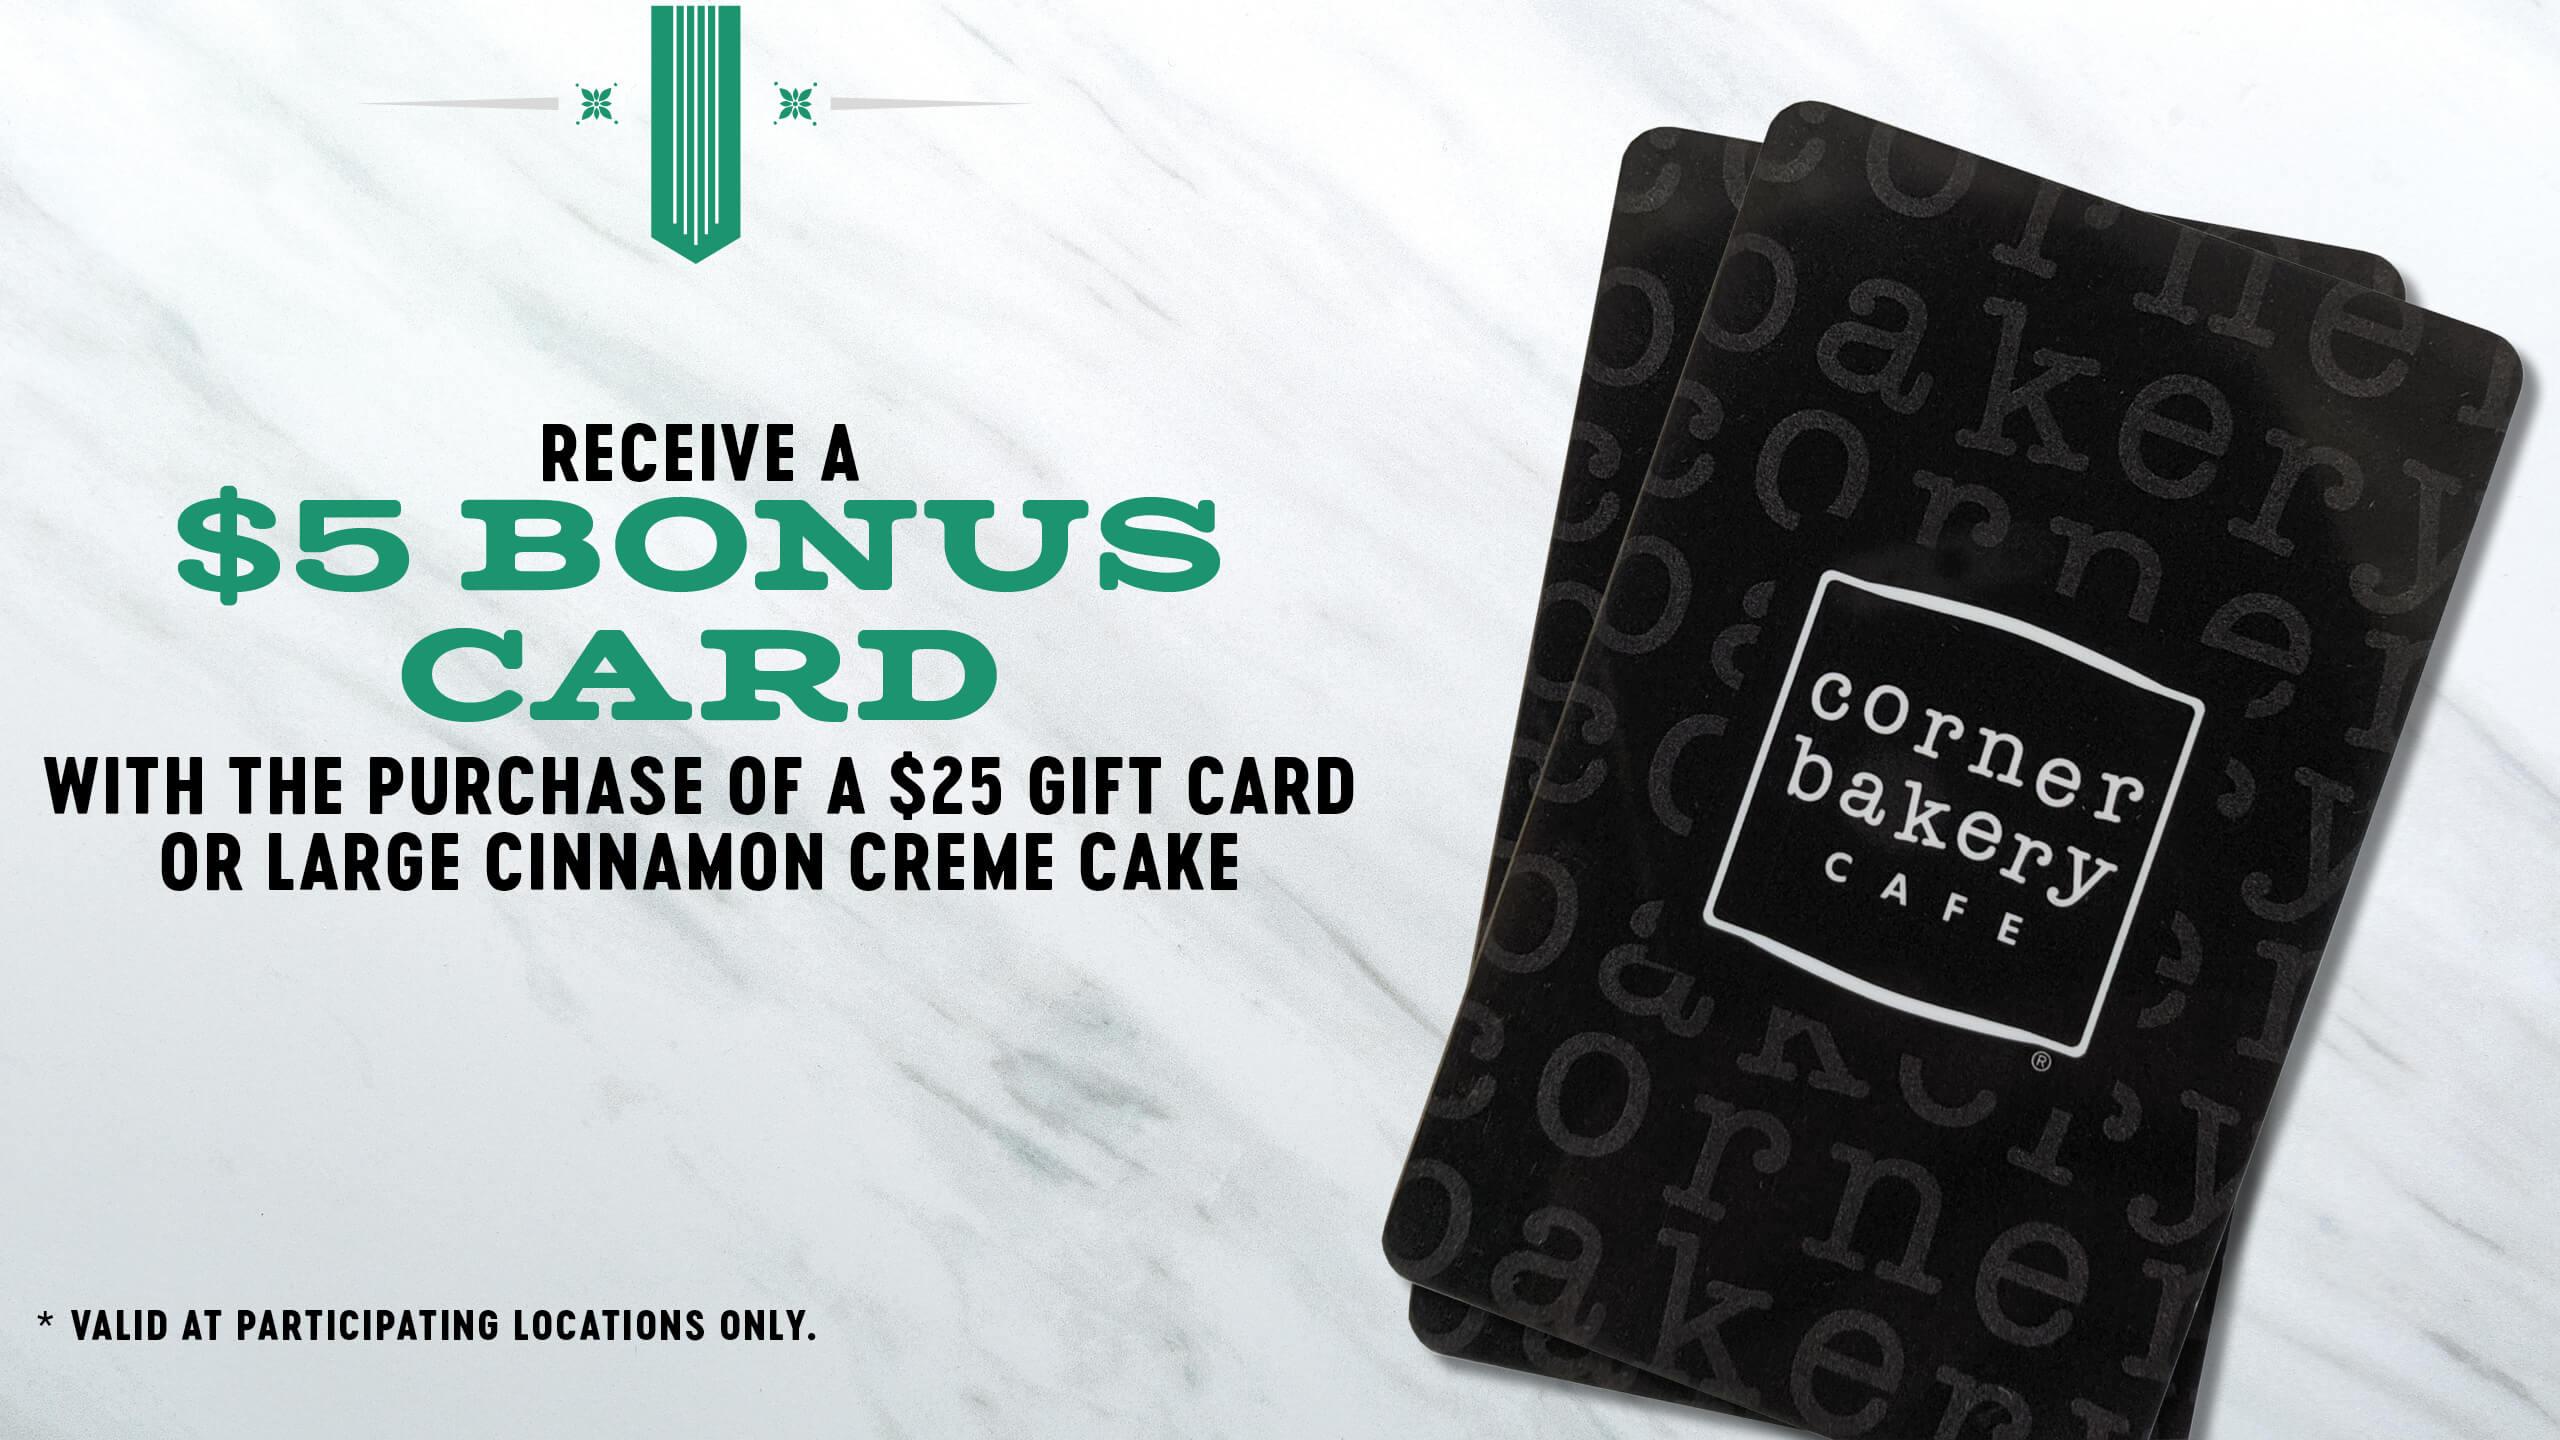 $5 Bonus Card